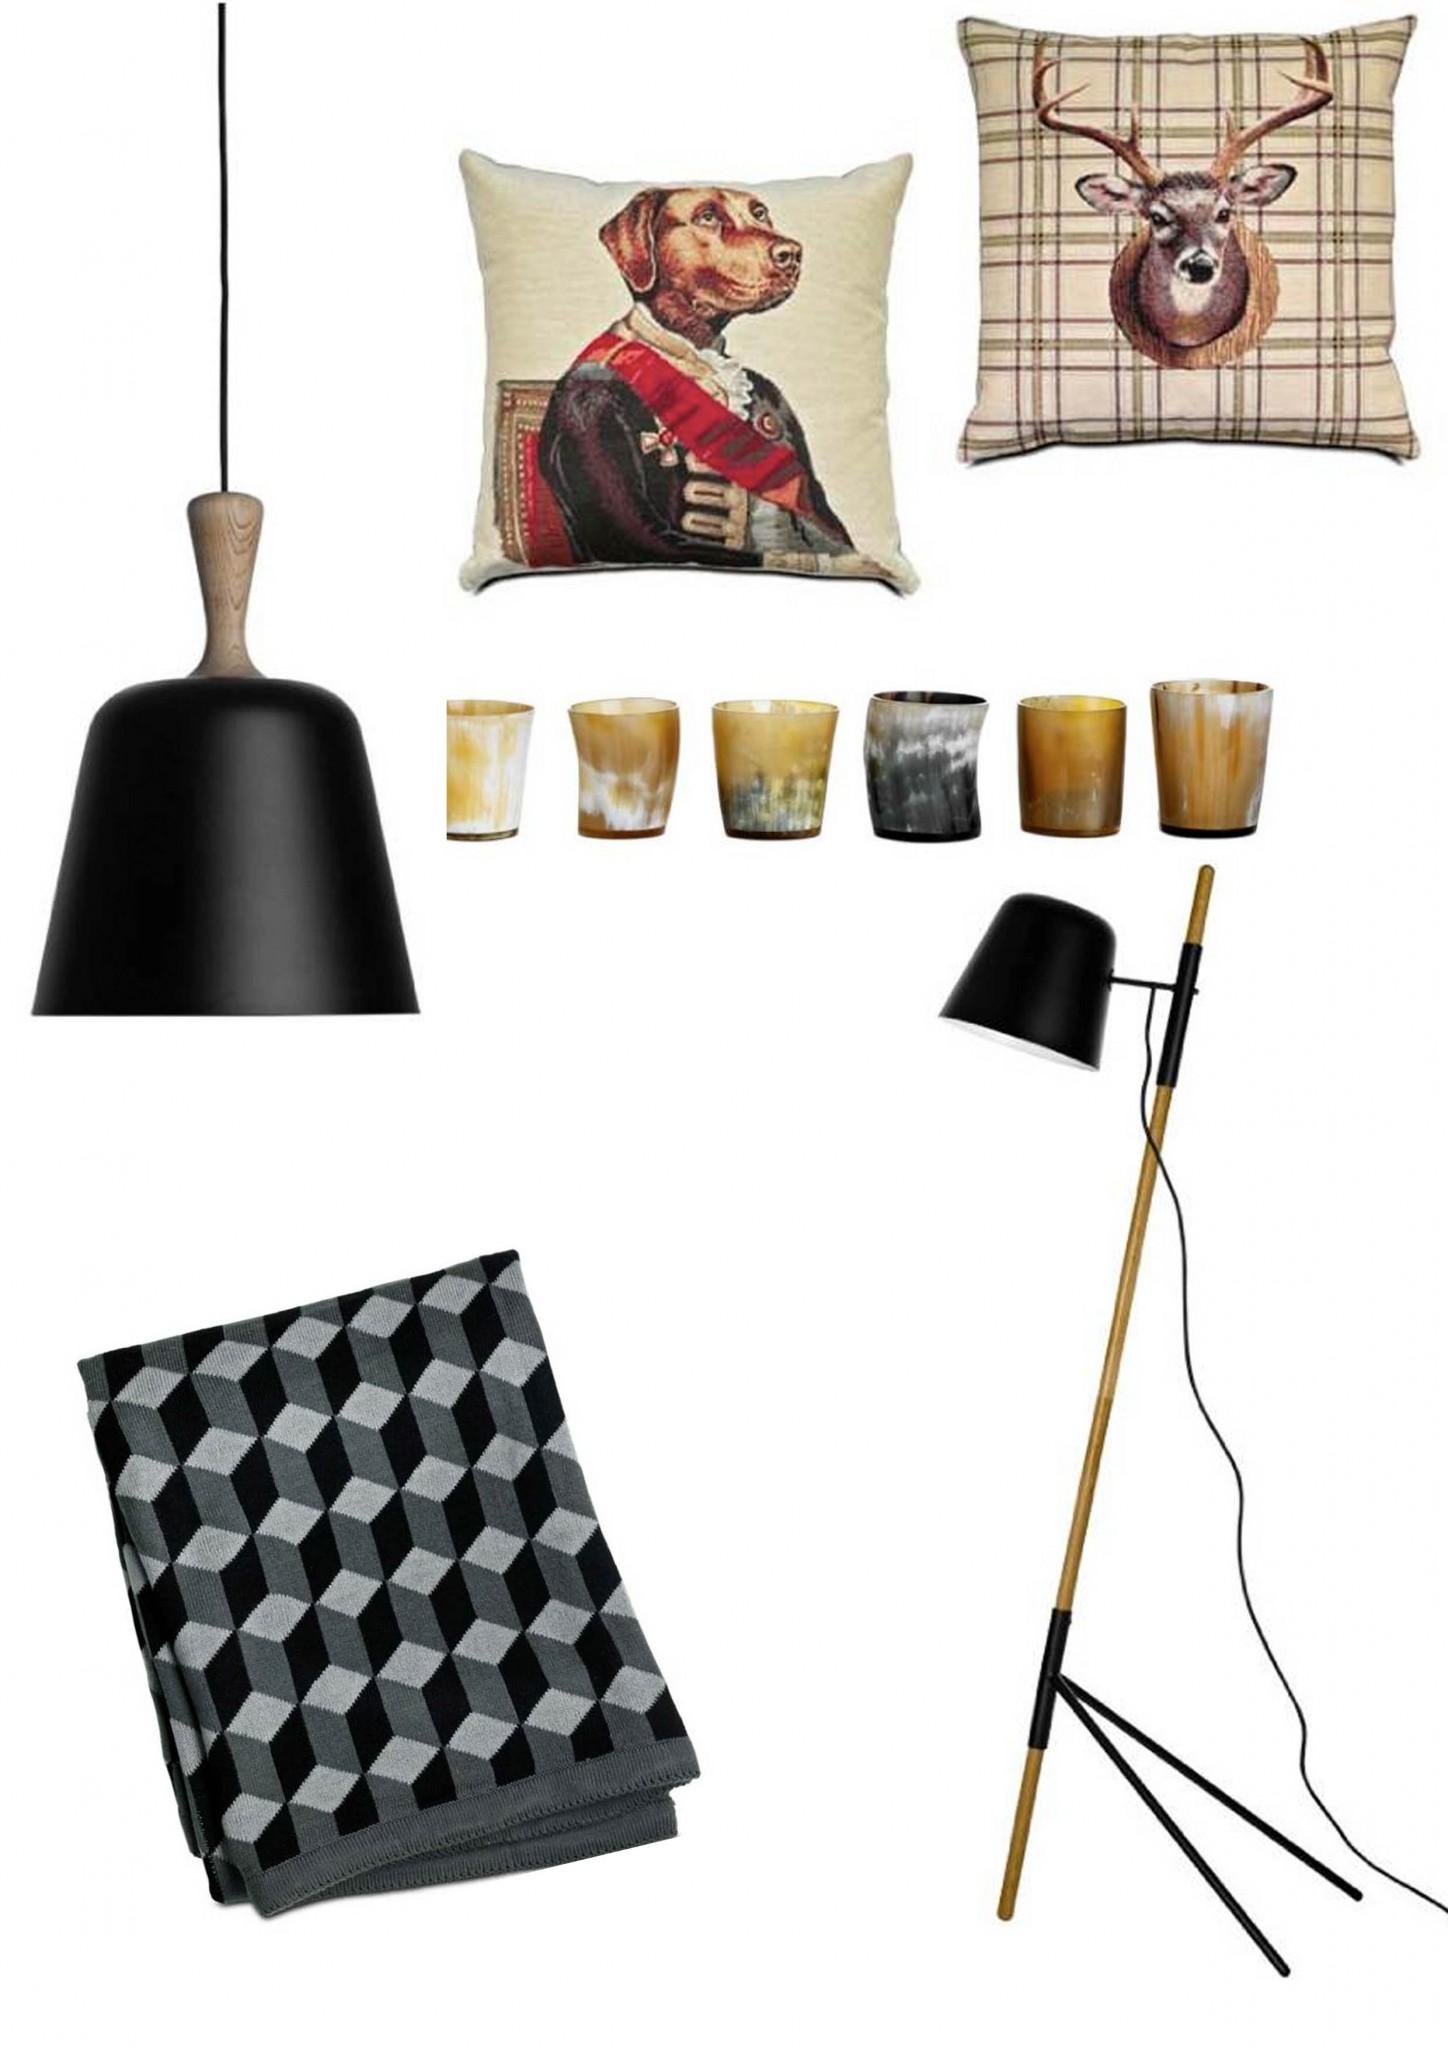 boconcept-60-aar-jubilaeum-boligcious-interioer-home-decor-bolig-indretning-malene-marie-moeller